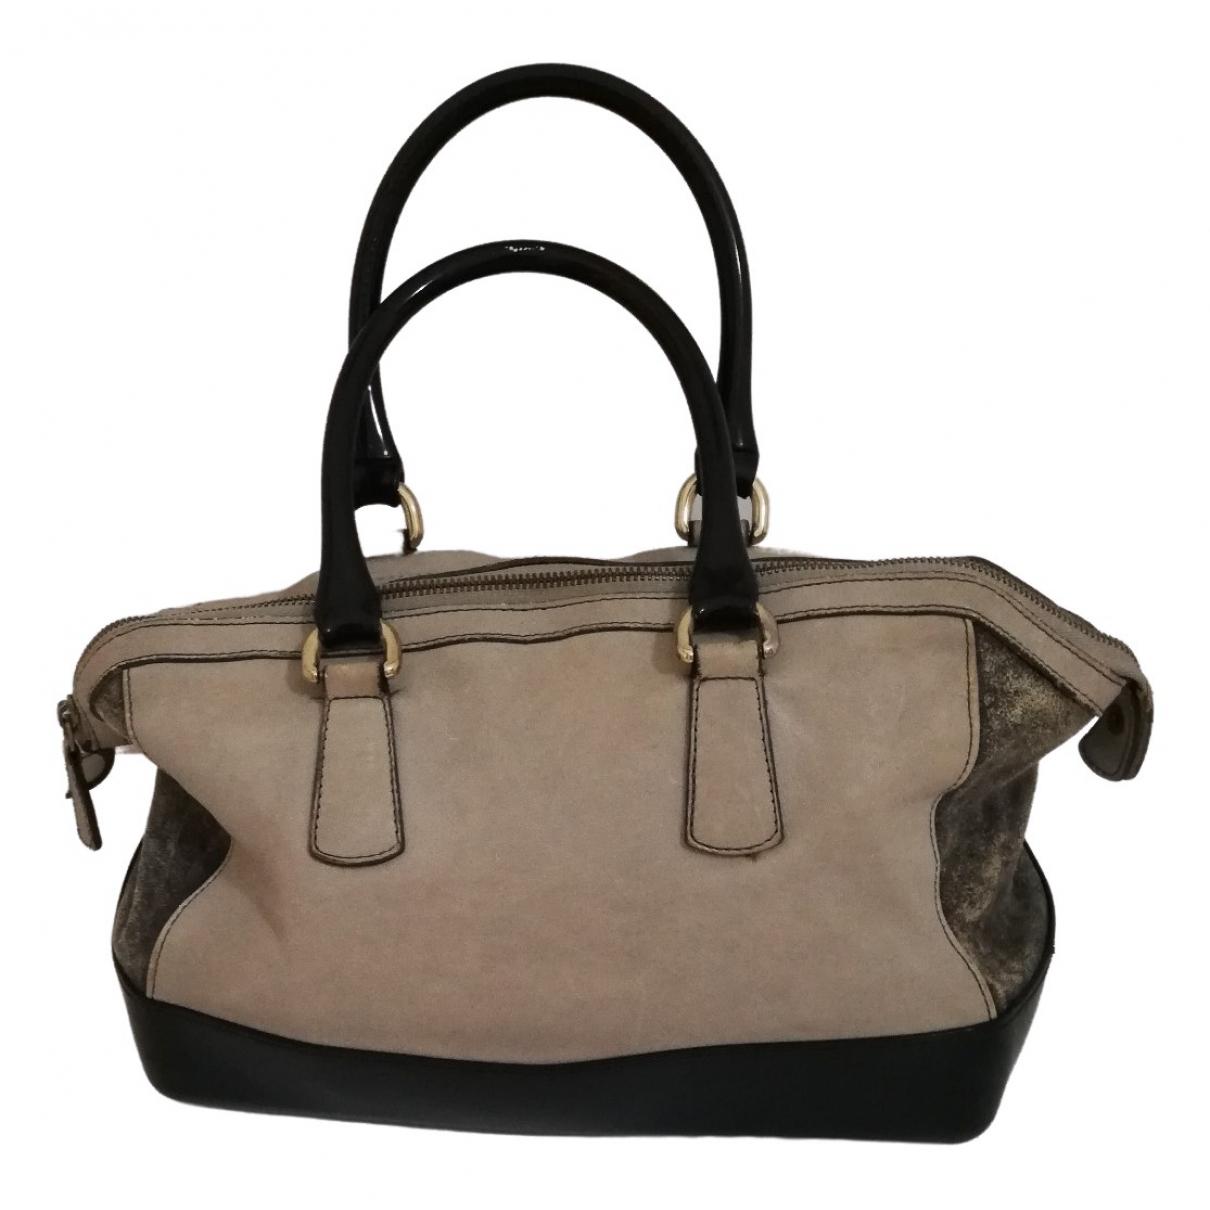 Furla - Sac a main Candy Bag pour femme en cuir - beige